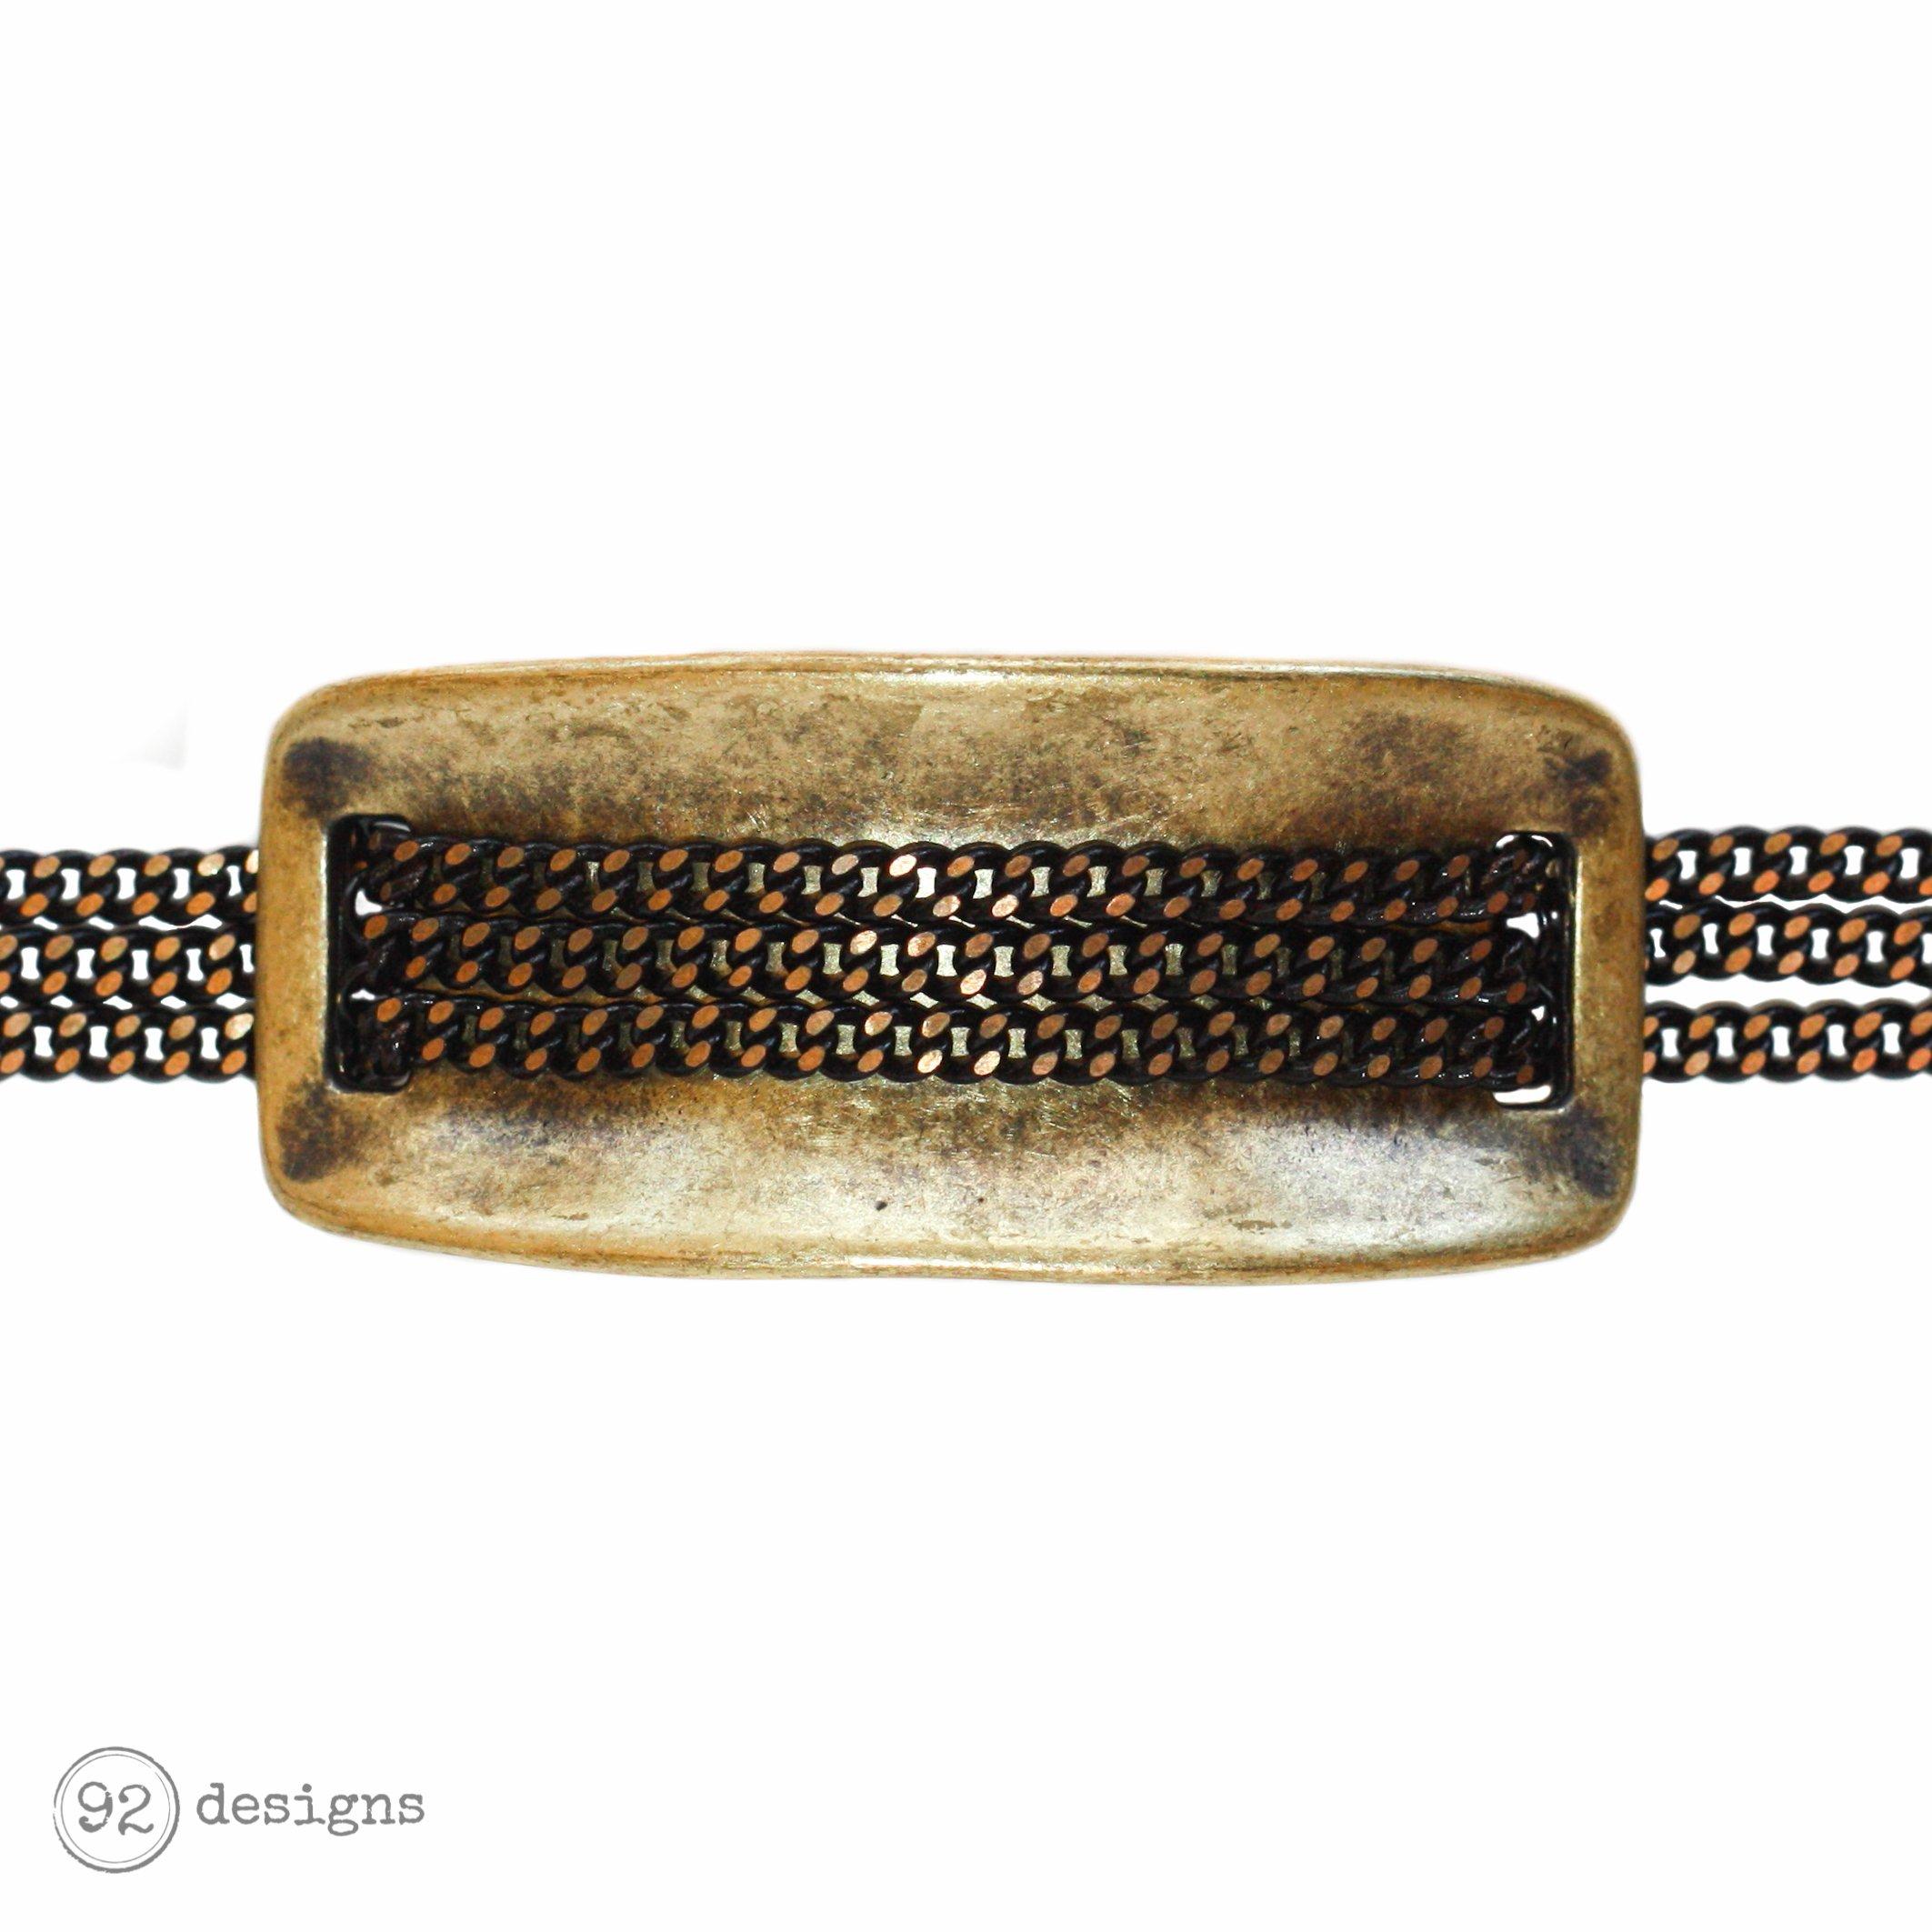 Chain Cuff Bracelet - Antique Brass - Close